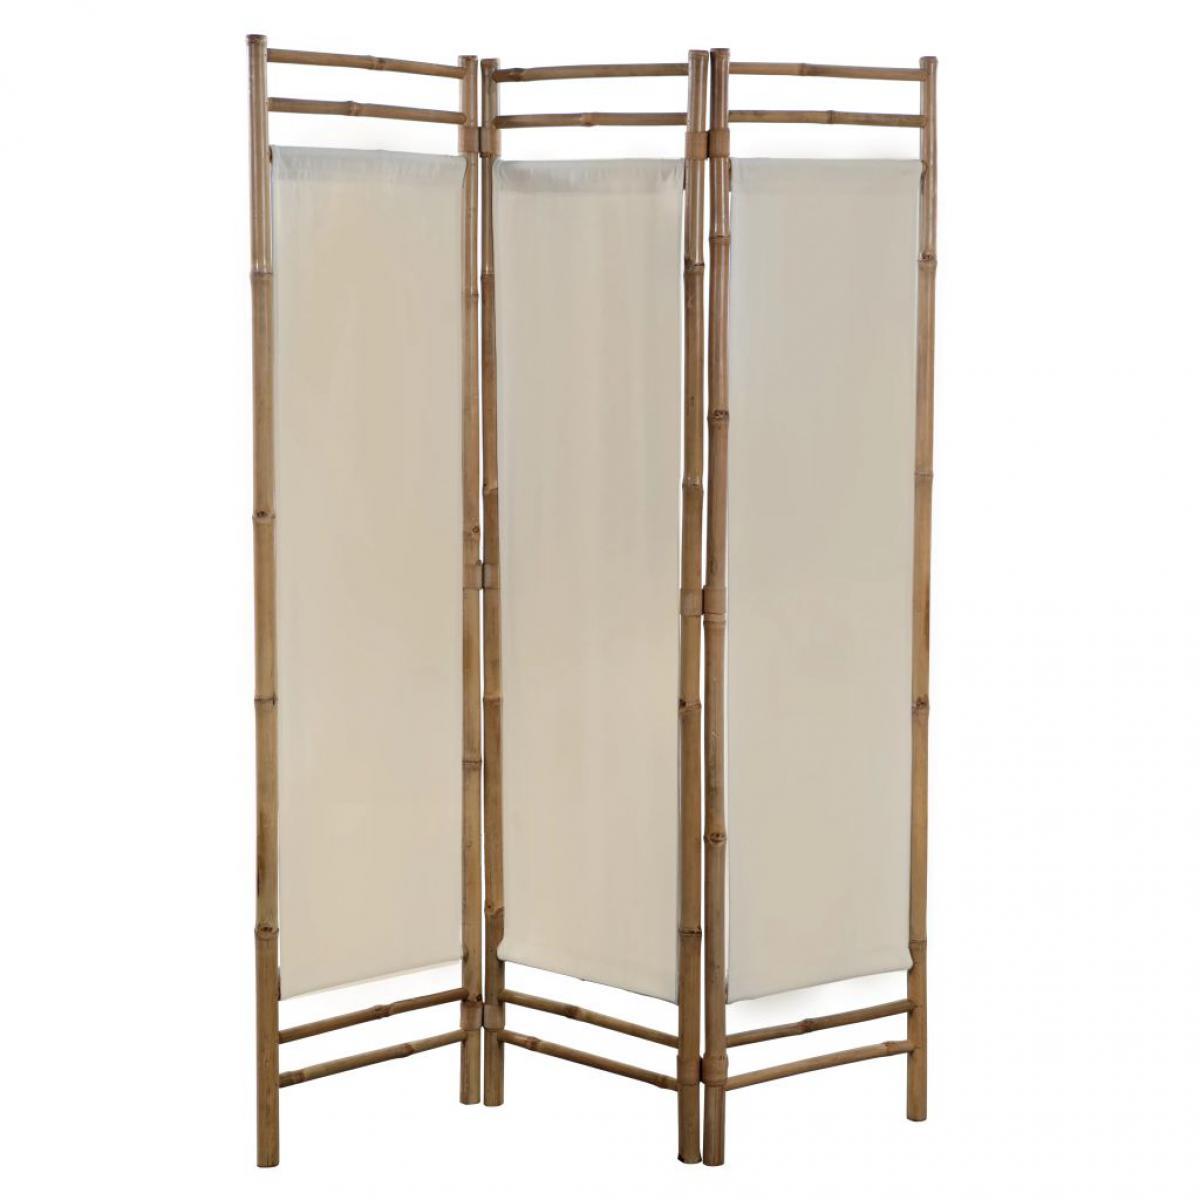 Vidaxl Cloison de séparation pliable 3 panneaux Bambou et toile 120 cm   Crème - Séparateurs de pièces - Meubles   Crème - Crèm